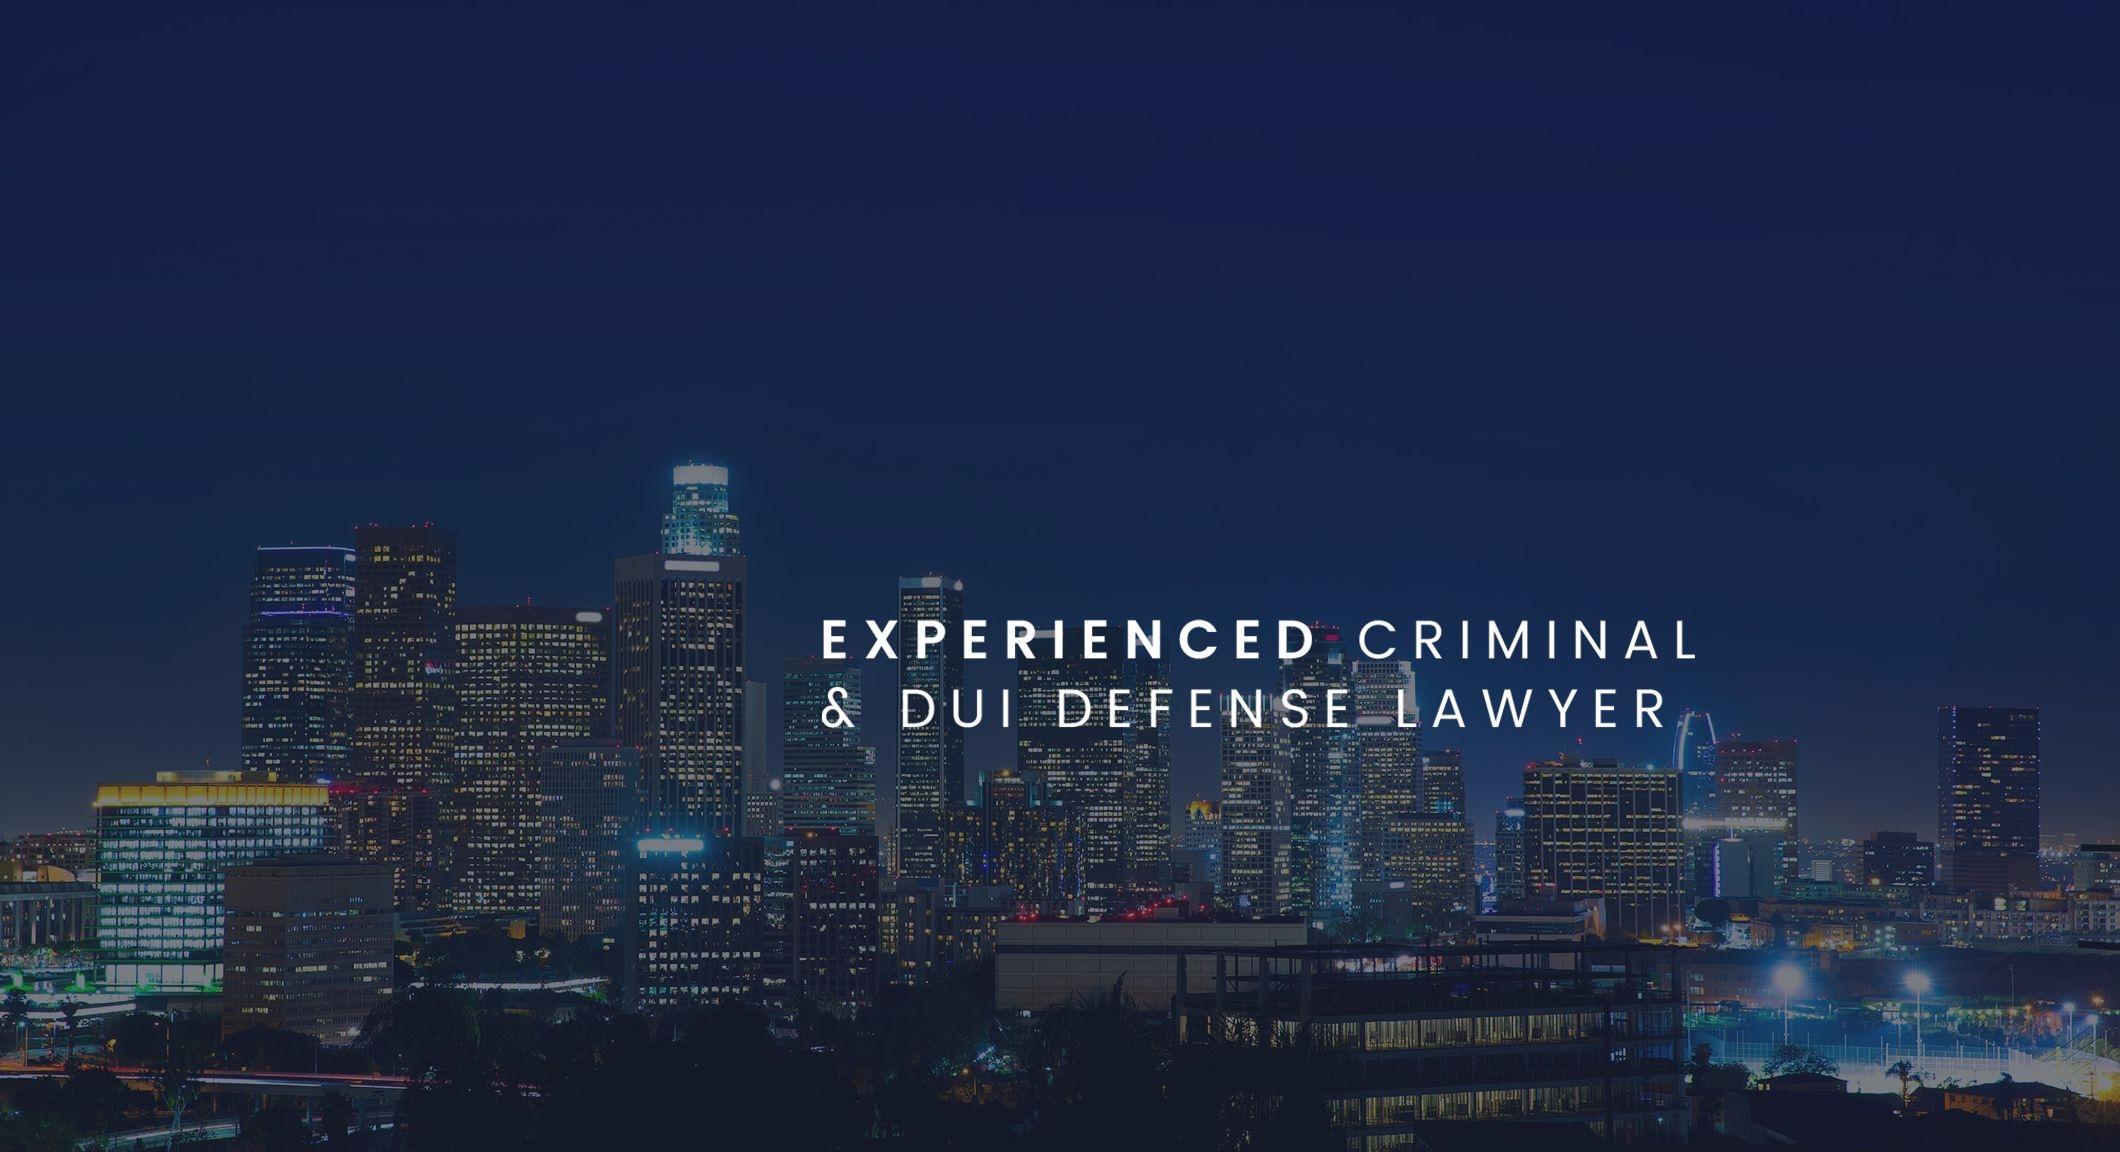 Law Offices of Scott R. Spindel (@laduilawyerspindel) Cover Image